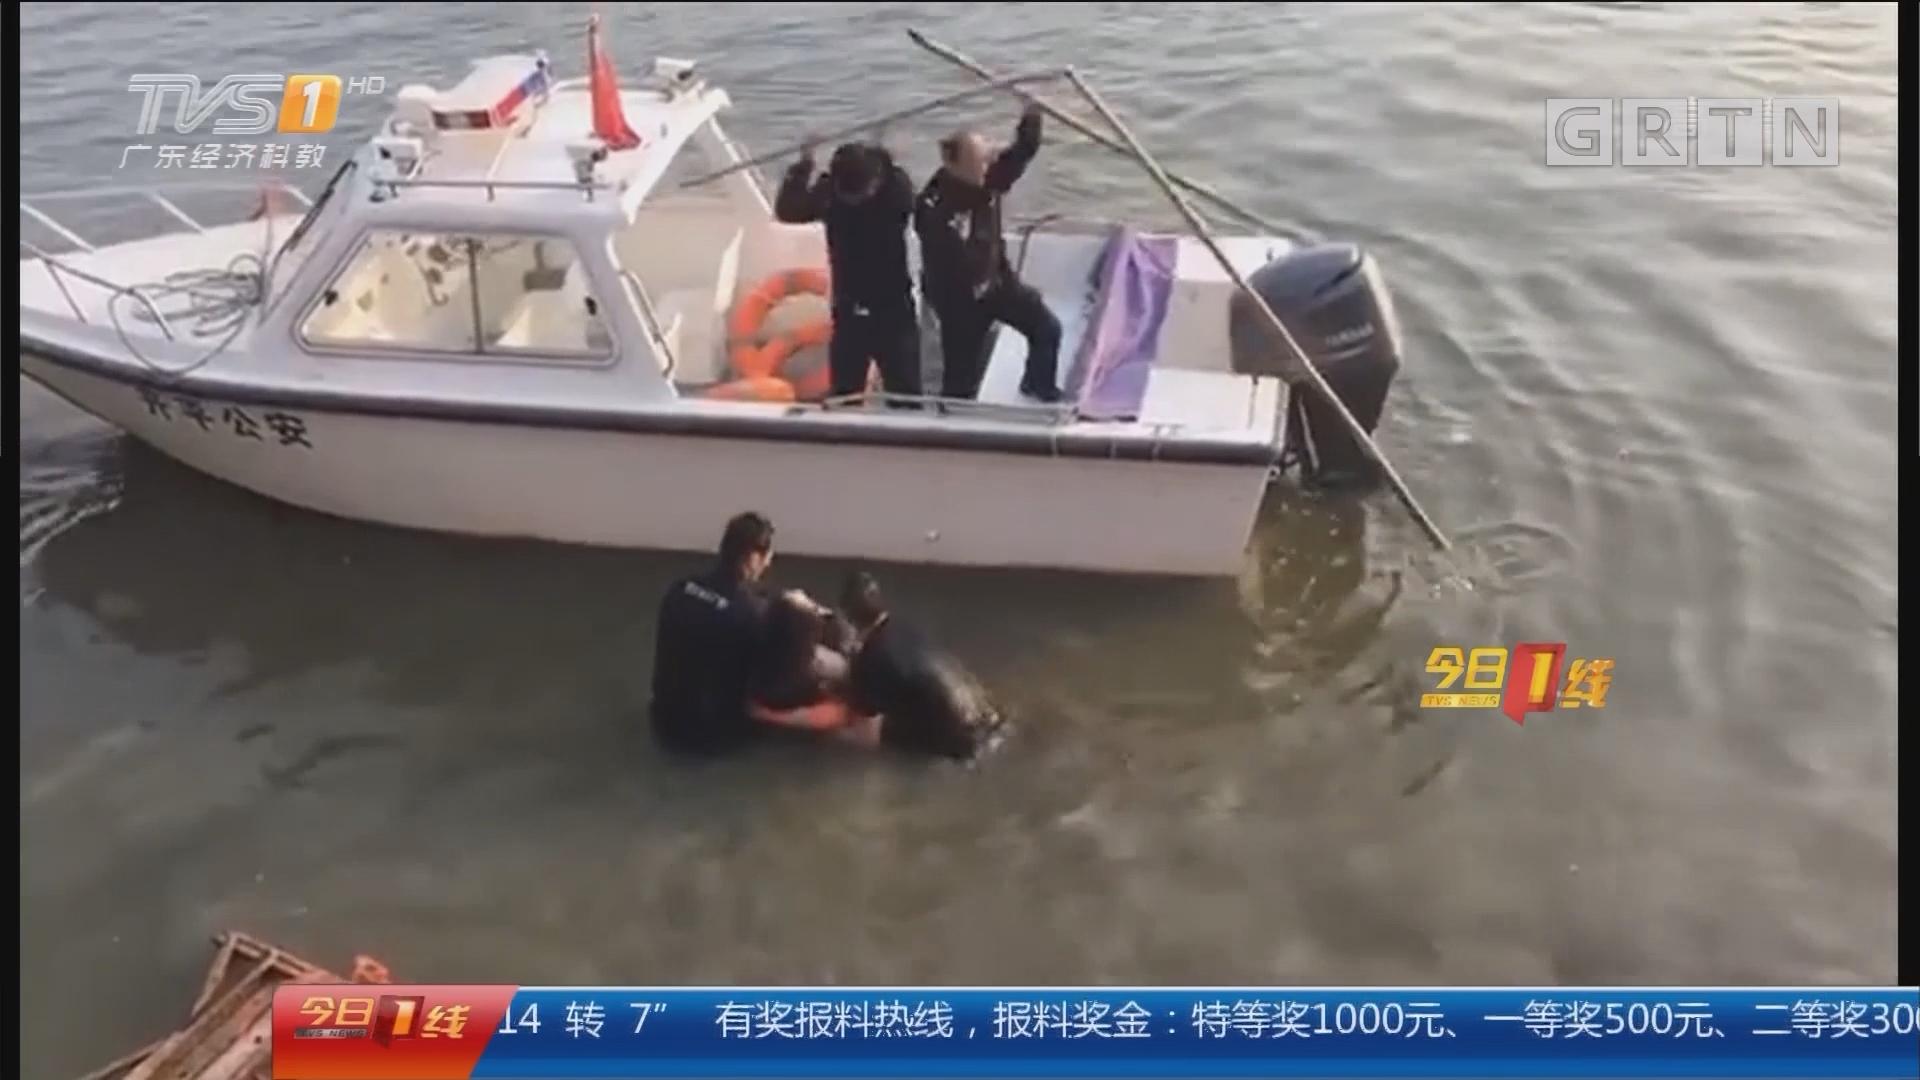 江门开平:妙龄女漂浮江面 特警果断下水救人